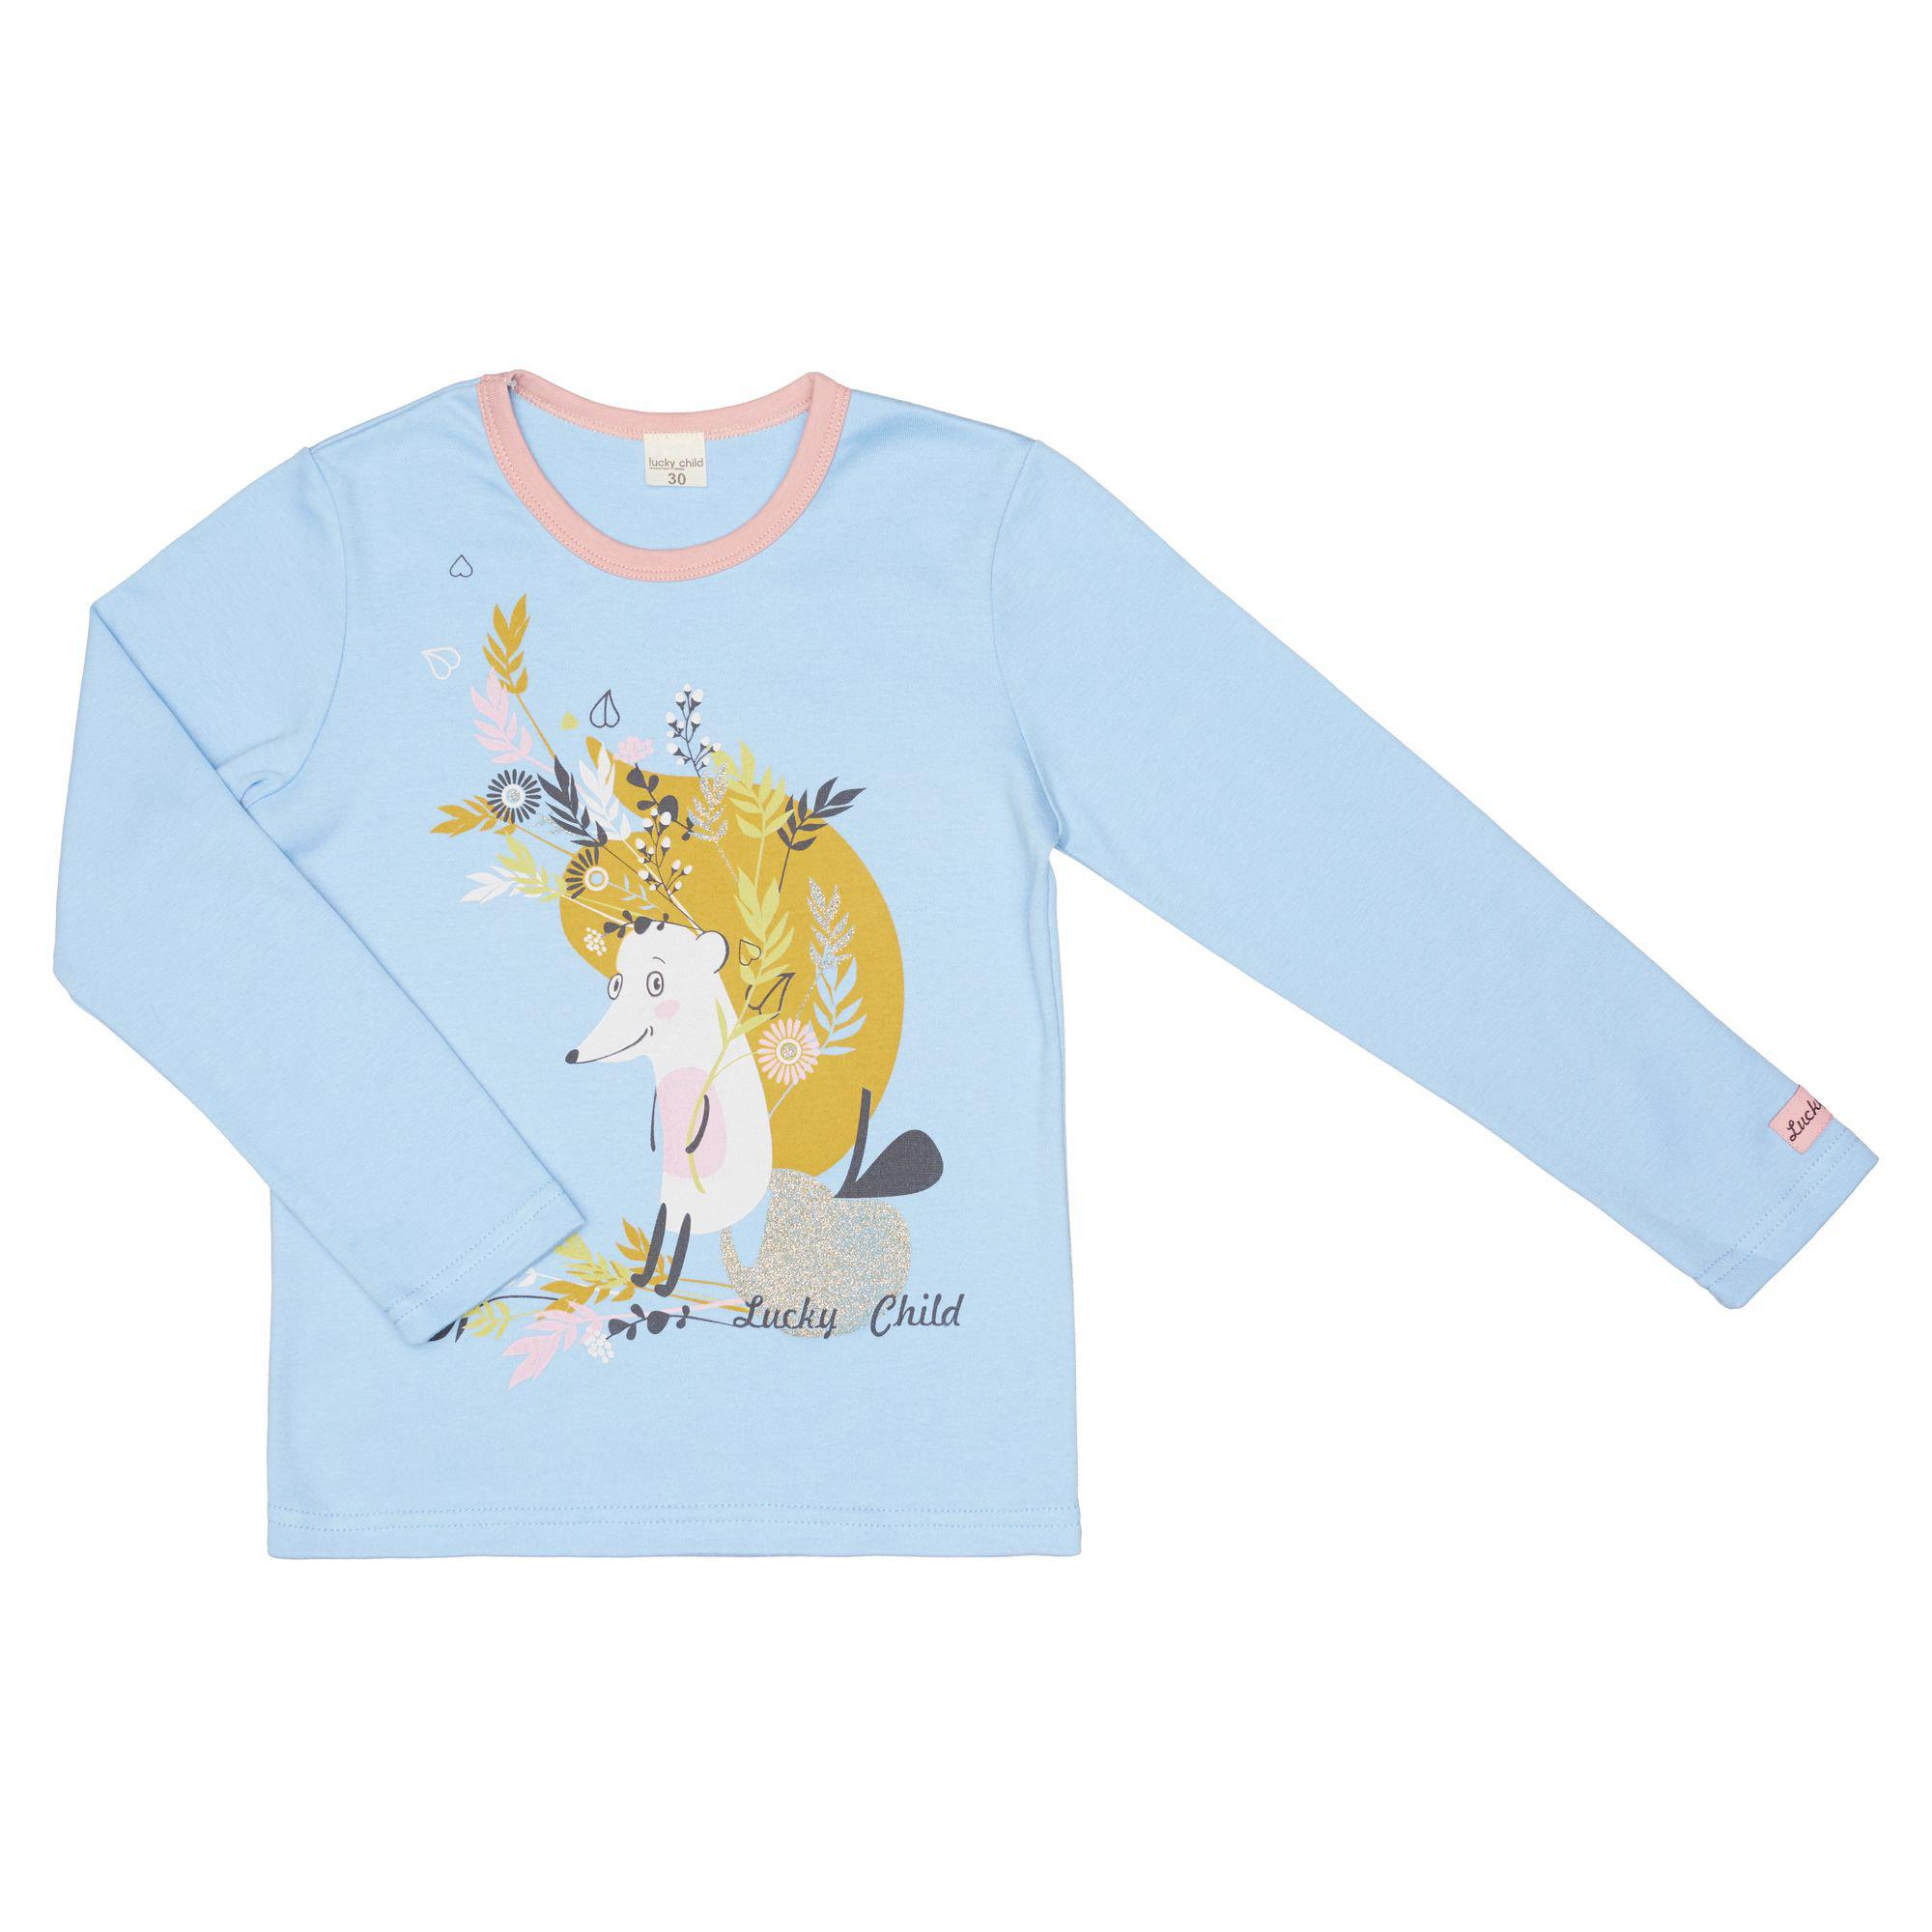 Купить Лонгслив Lucky Child Осенний лес 110-116, Голубой, Кулирка, Для девочек, Осень-Зима,